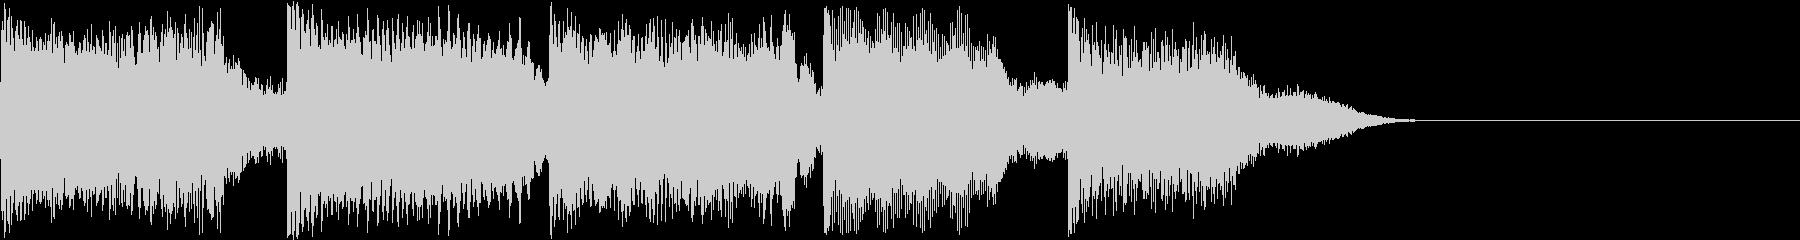 AI メカ/ロボ/マシン動作音 42の未再生の波形